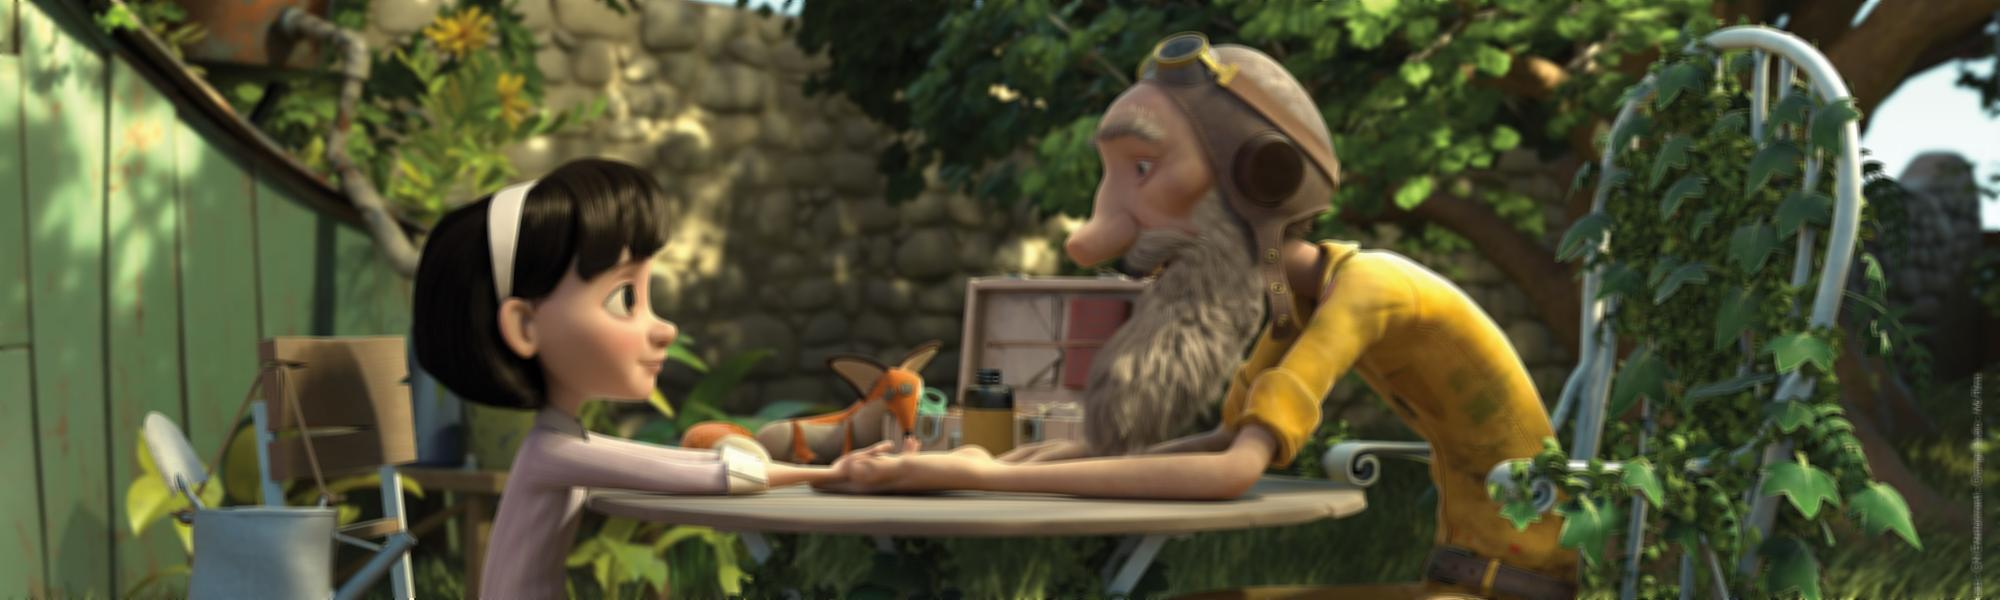 Filme O Pequeno Principe 2015 for o pequeno príncipe - 20 de agosto de 2015   filmow